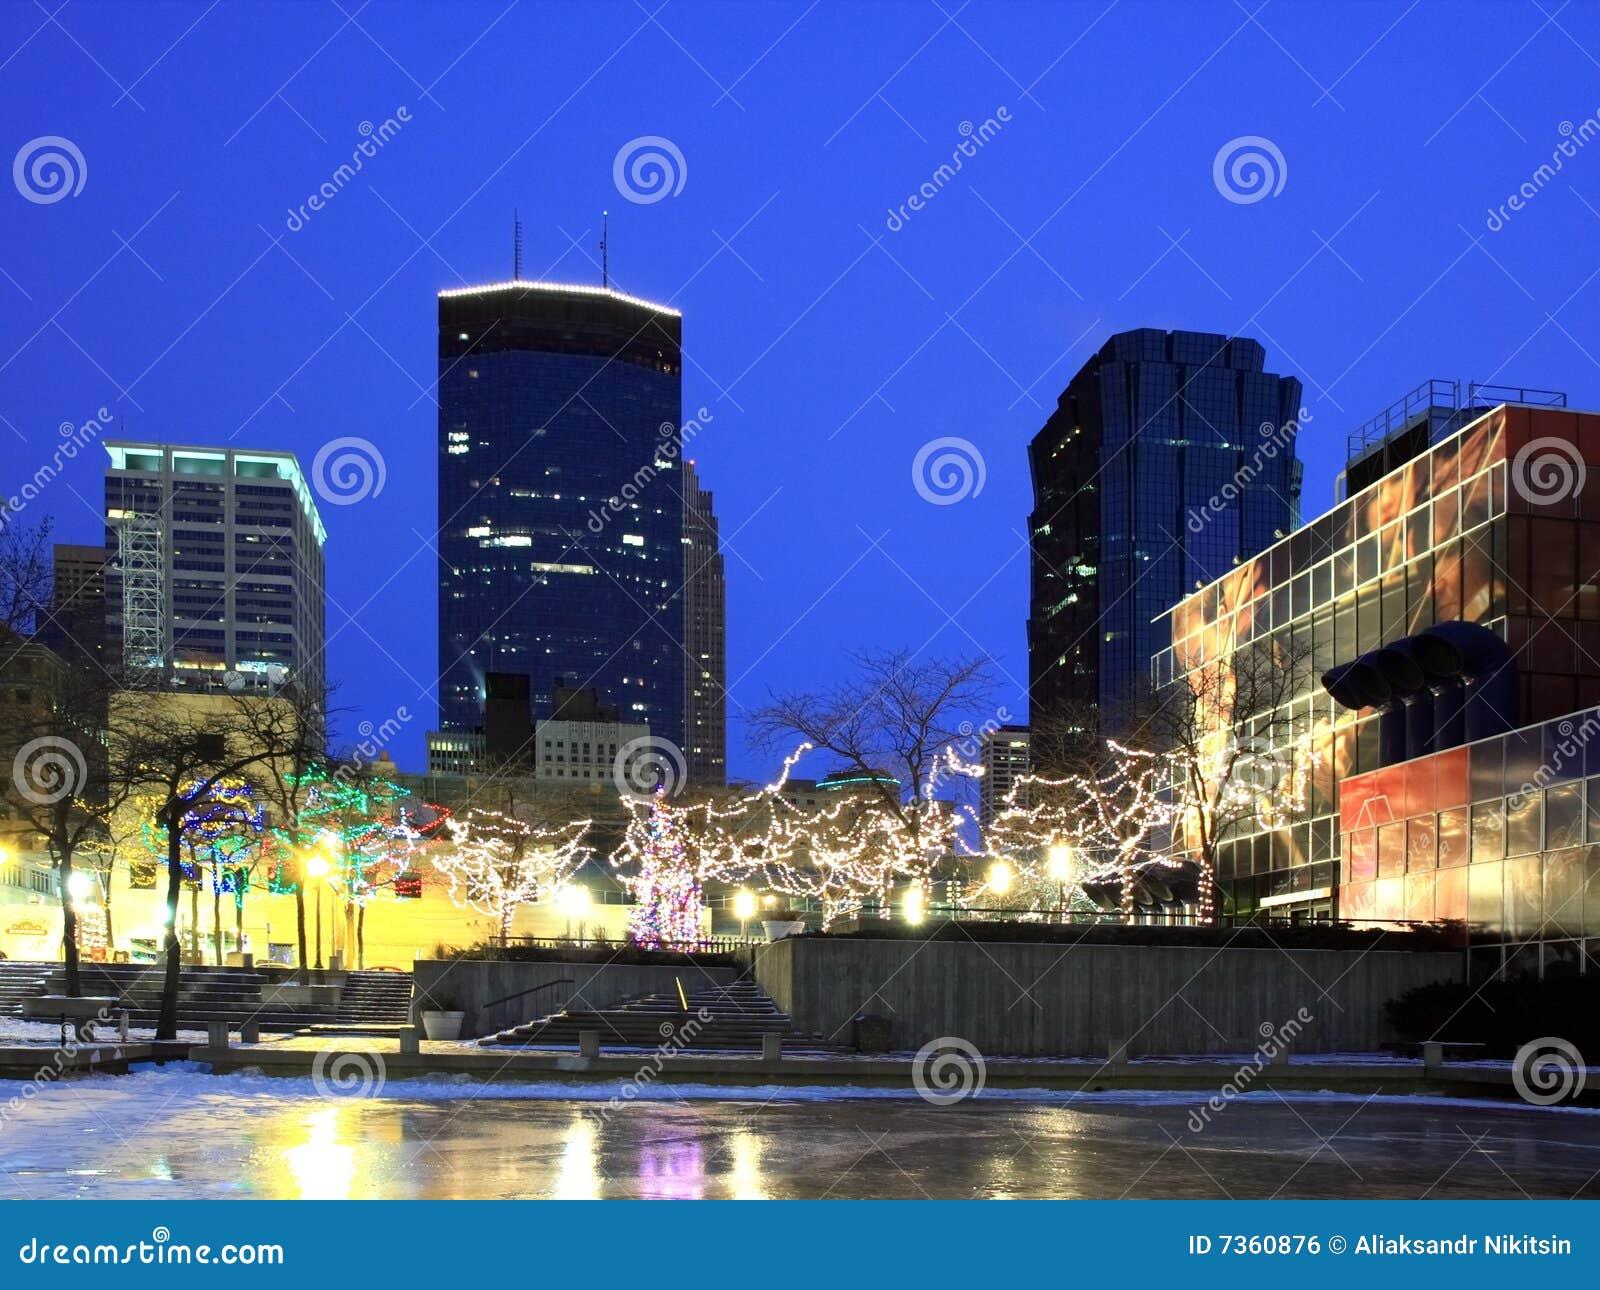 Christmas Lights Downtown